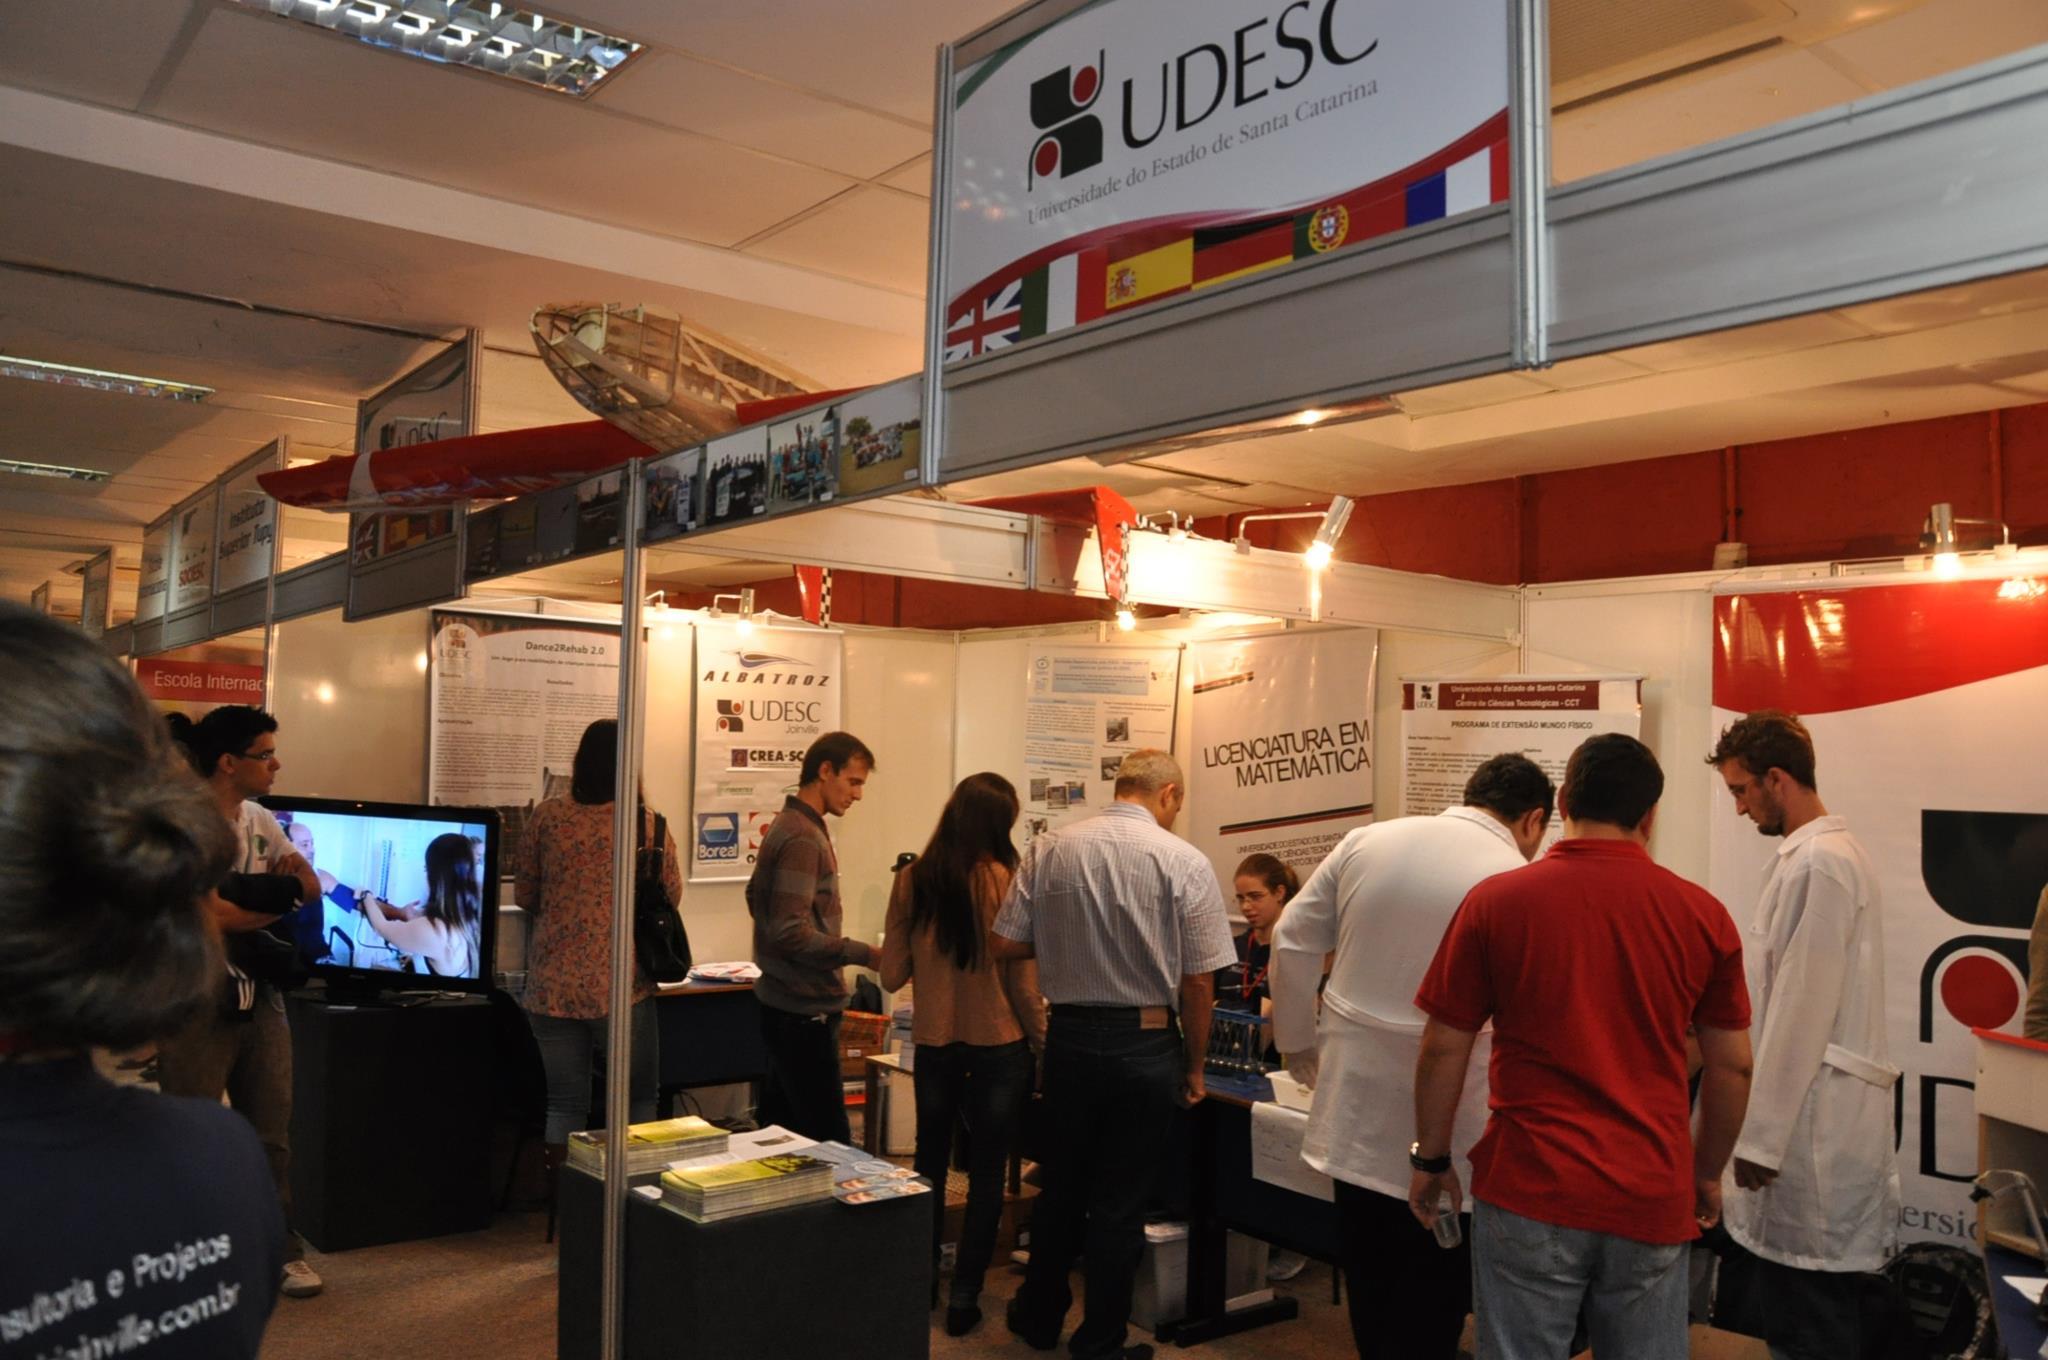 udesc-joinville-participa-da-segunda-edicao-do-cidadao-do-mundo-departamento-de-matematica-estara-presente